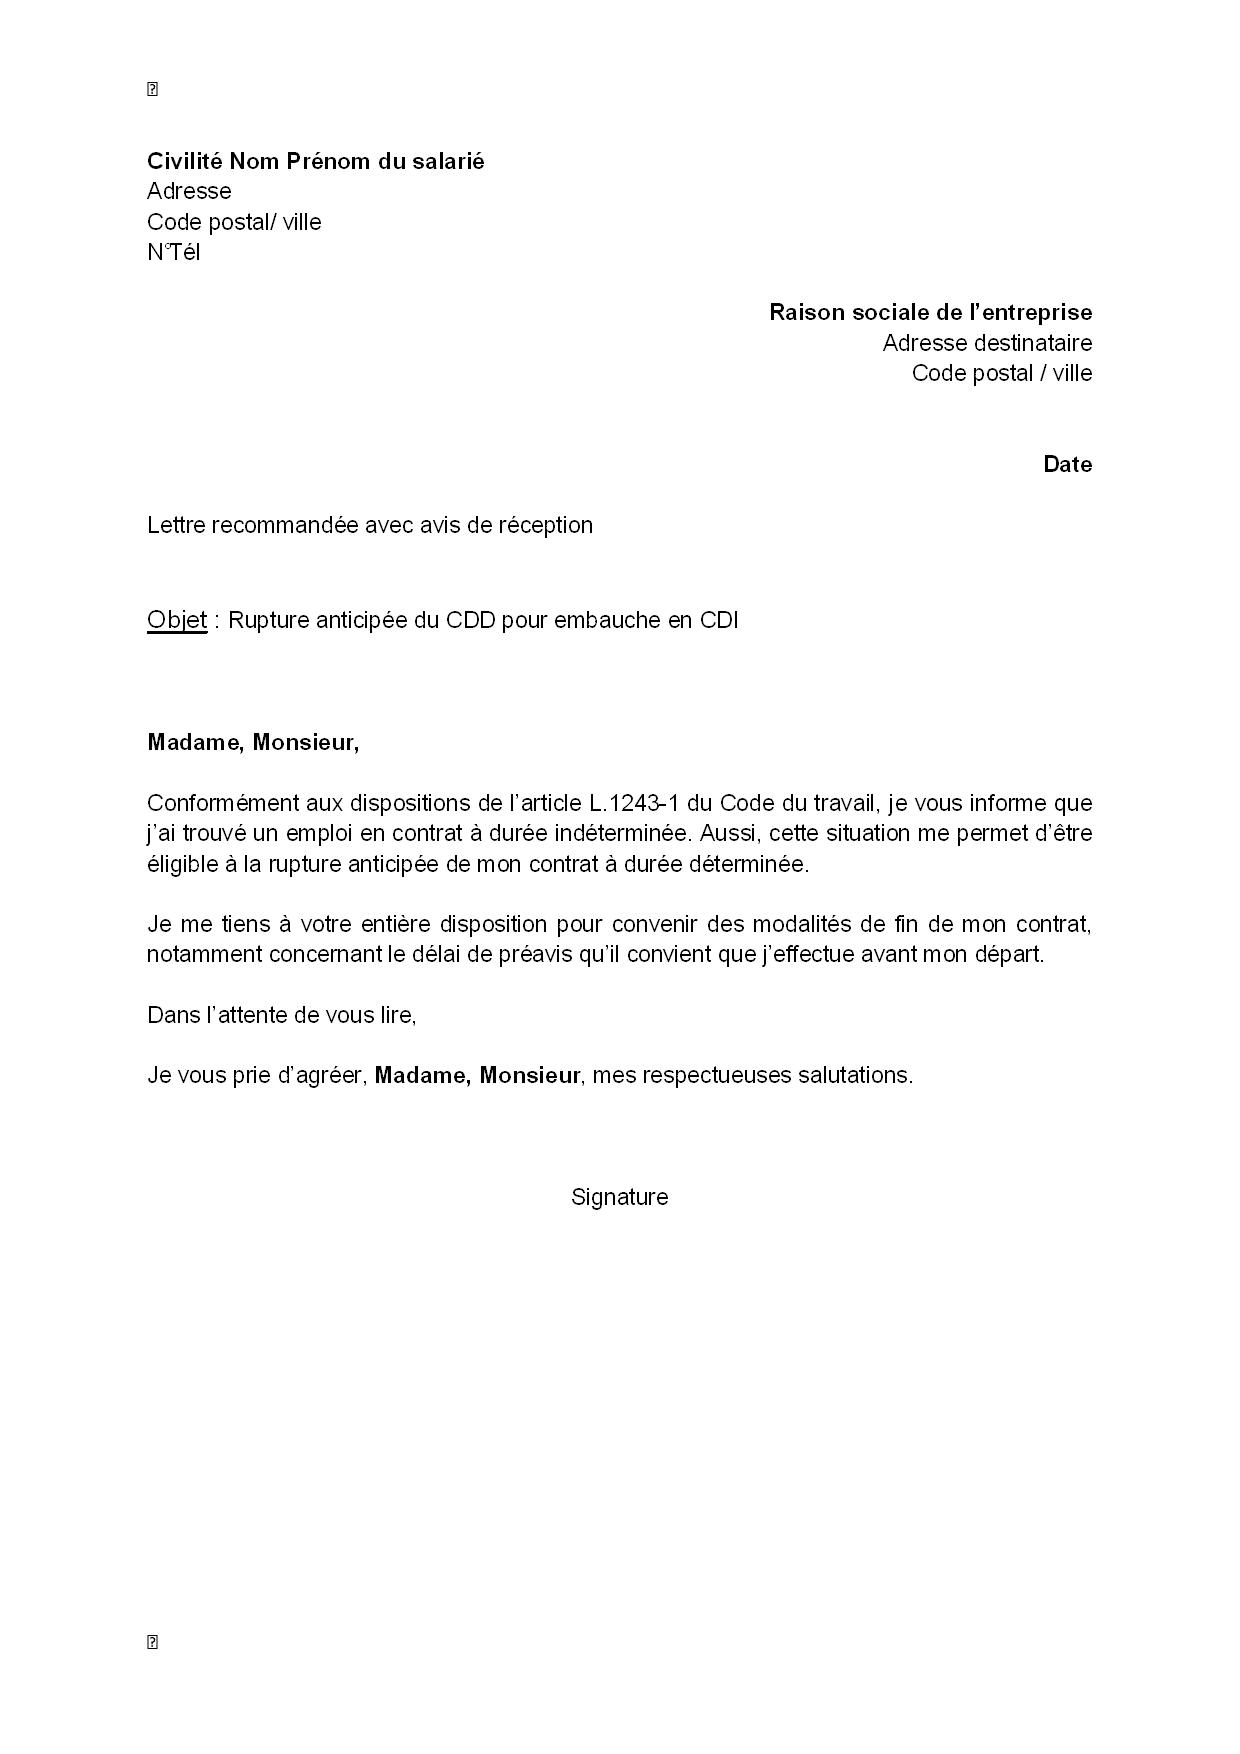 Lettre De Rupture Anticipee Du Cdd Par Le Salarie Pour Embauche En Cdi Modele De Lettre Gratuit Exemple De Lettre Type Documentissime